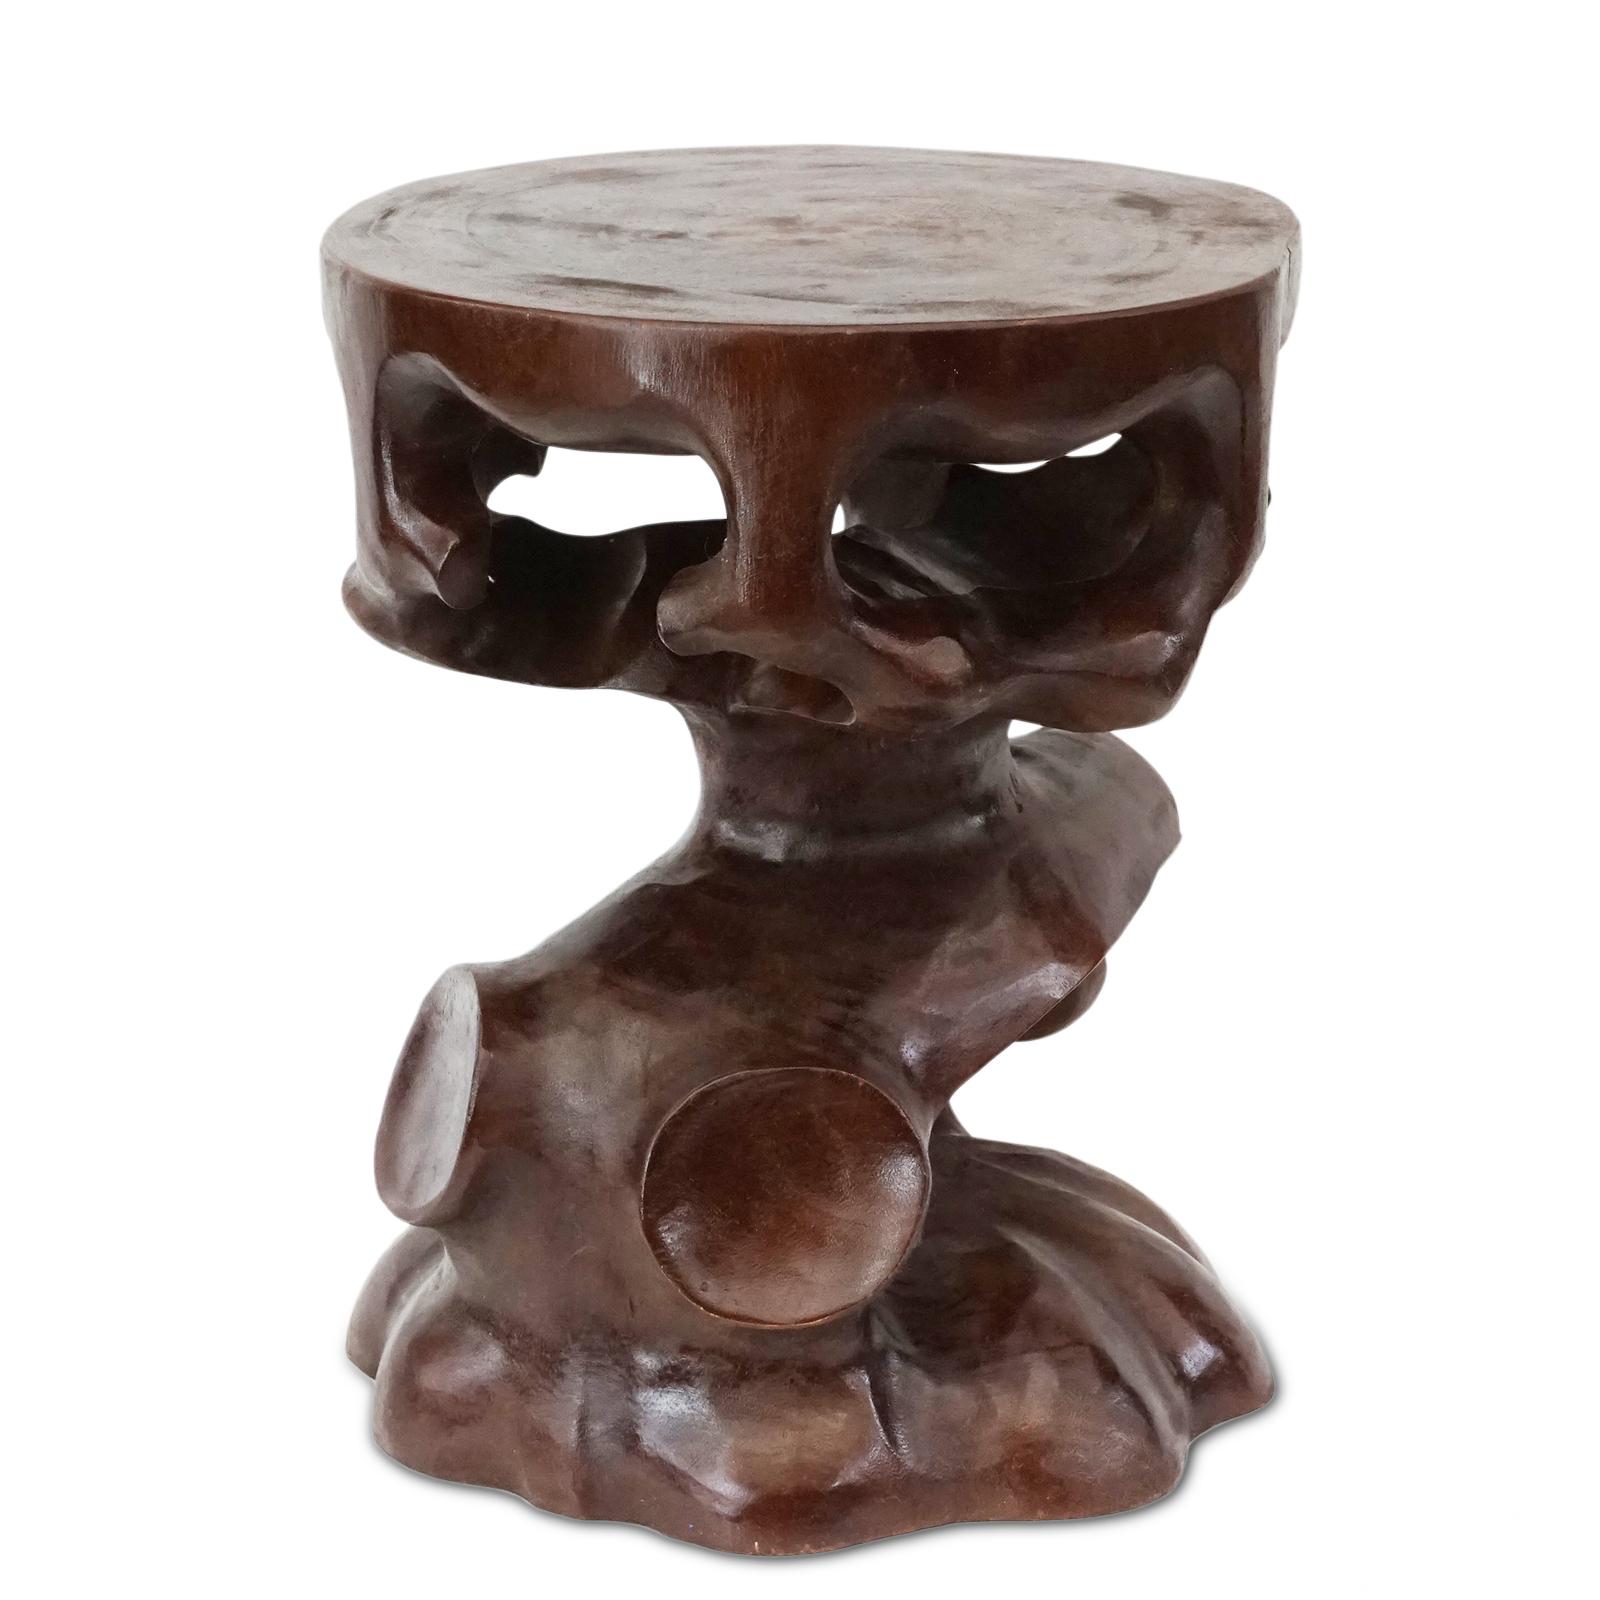 Saman-Holz Rundhocker Möbel ca. 40 cm Blumenhocker Holzhocker Massiv Unikat Beistelltisch Dunkel Braun – Bild 6